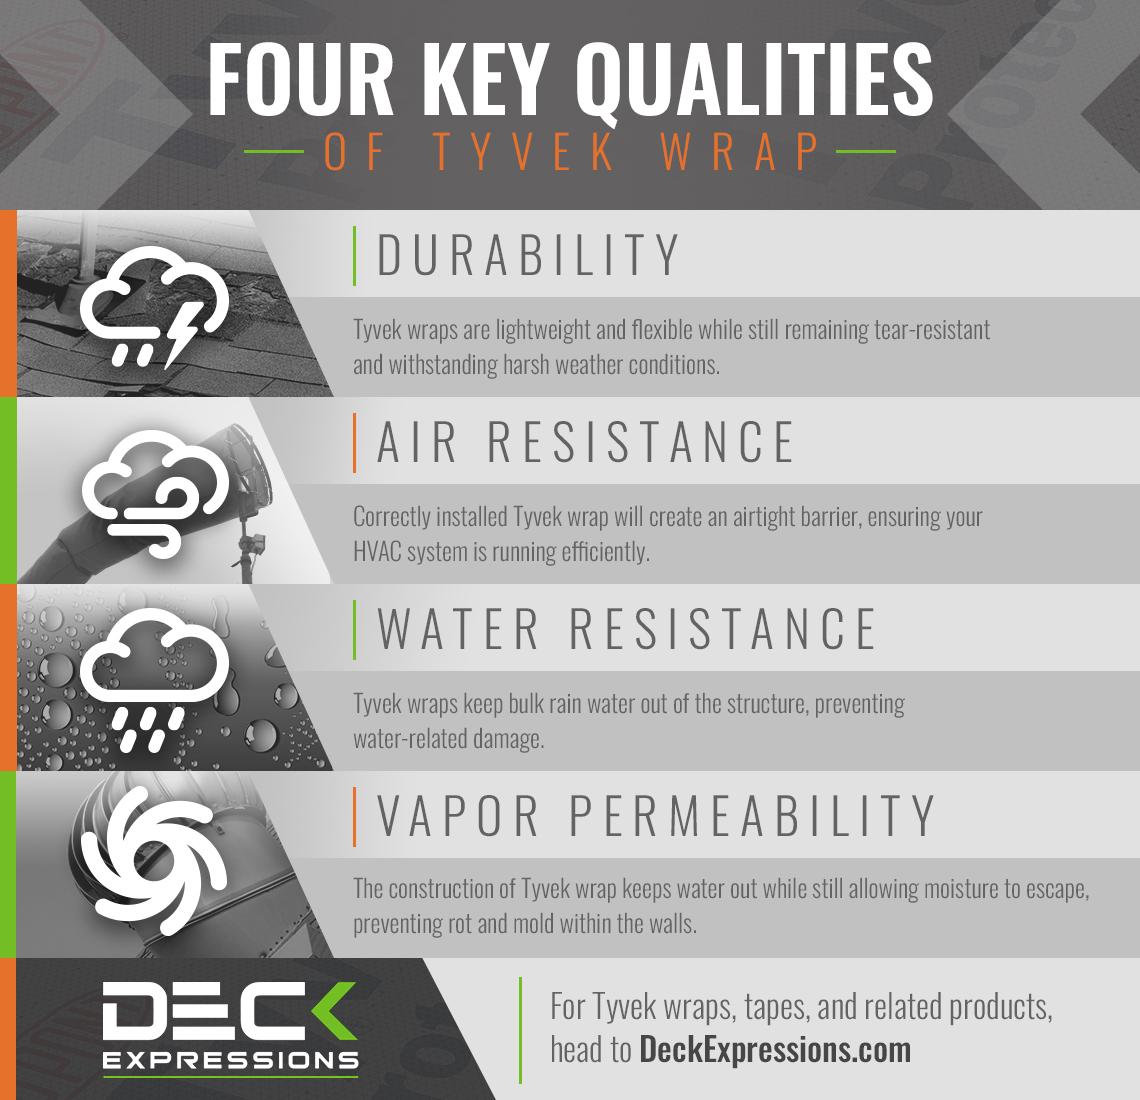 four-key-qualities-of-tyvek-wrap.jpg